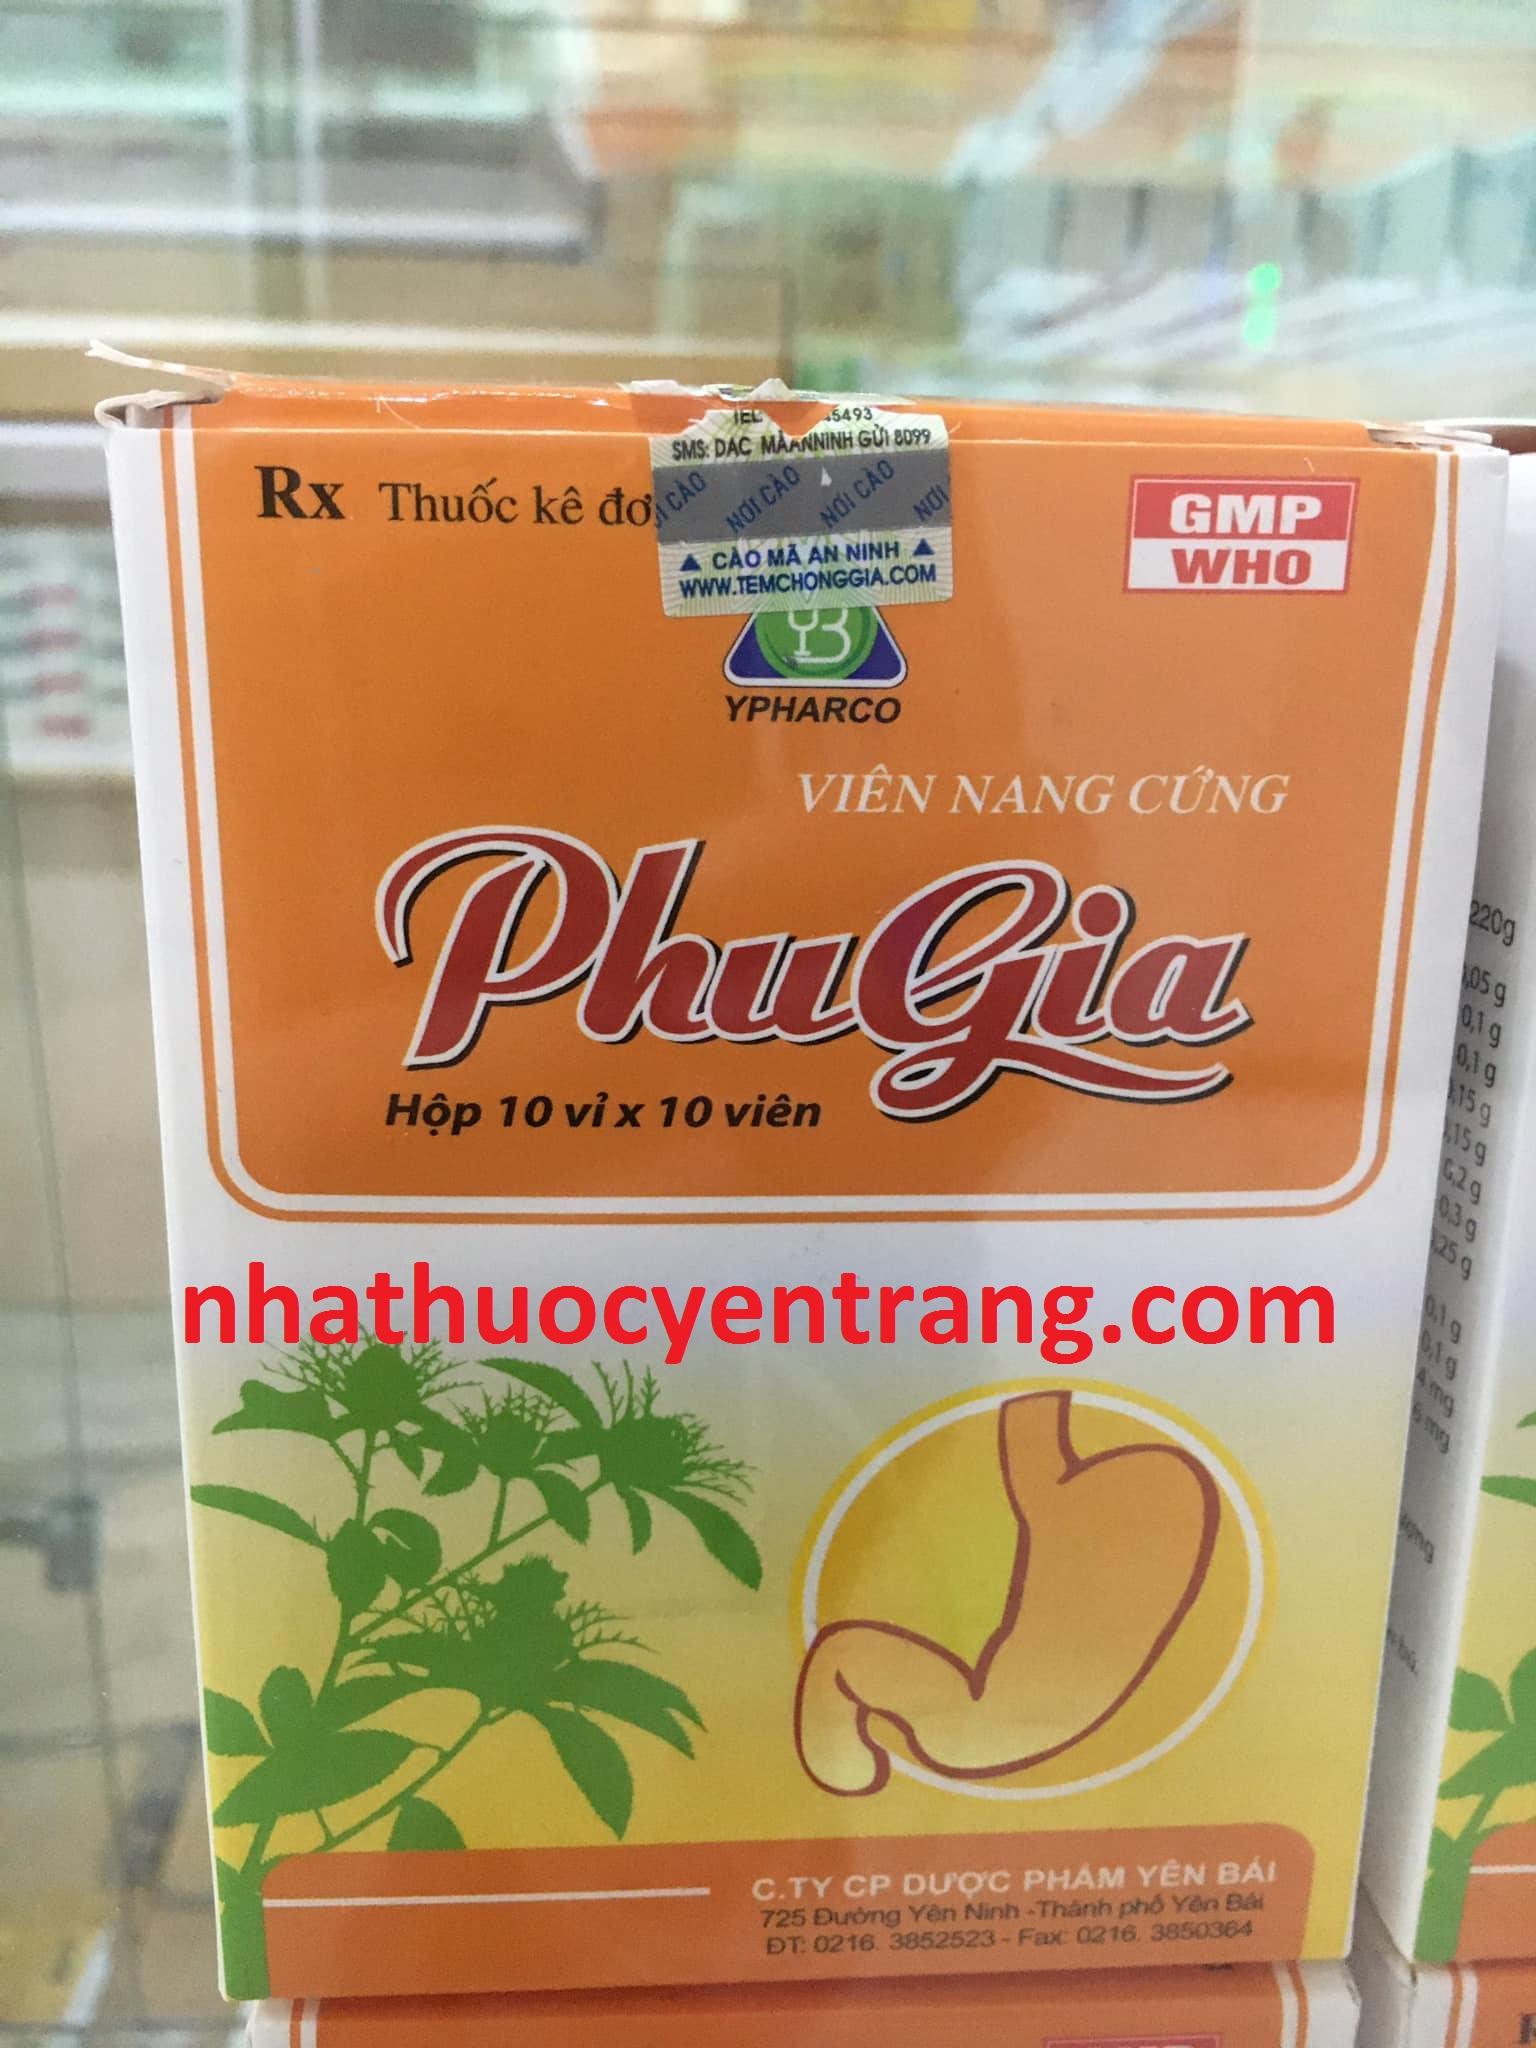 PhuGia